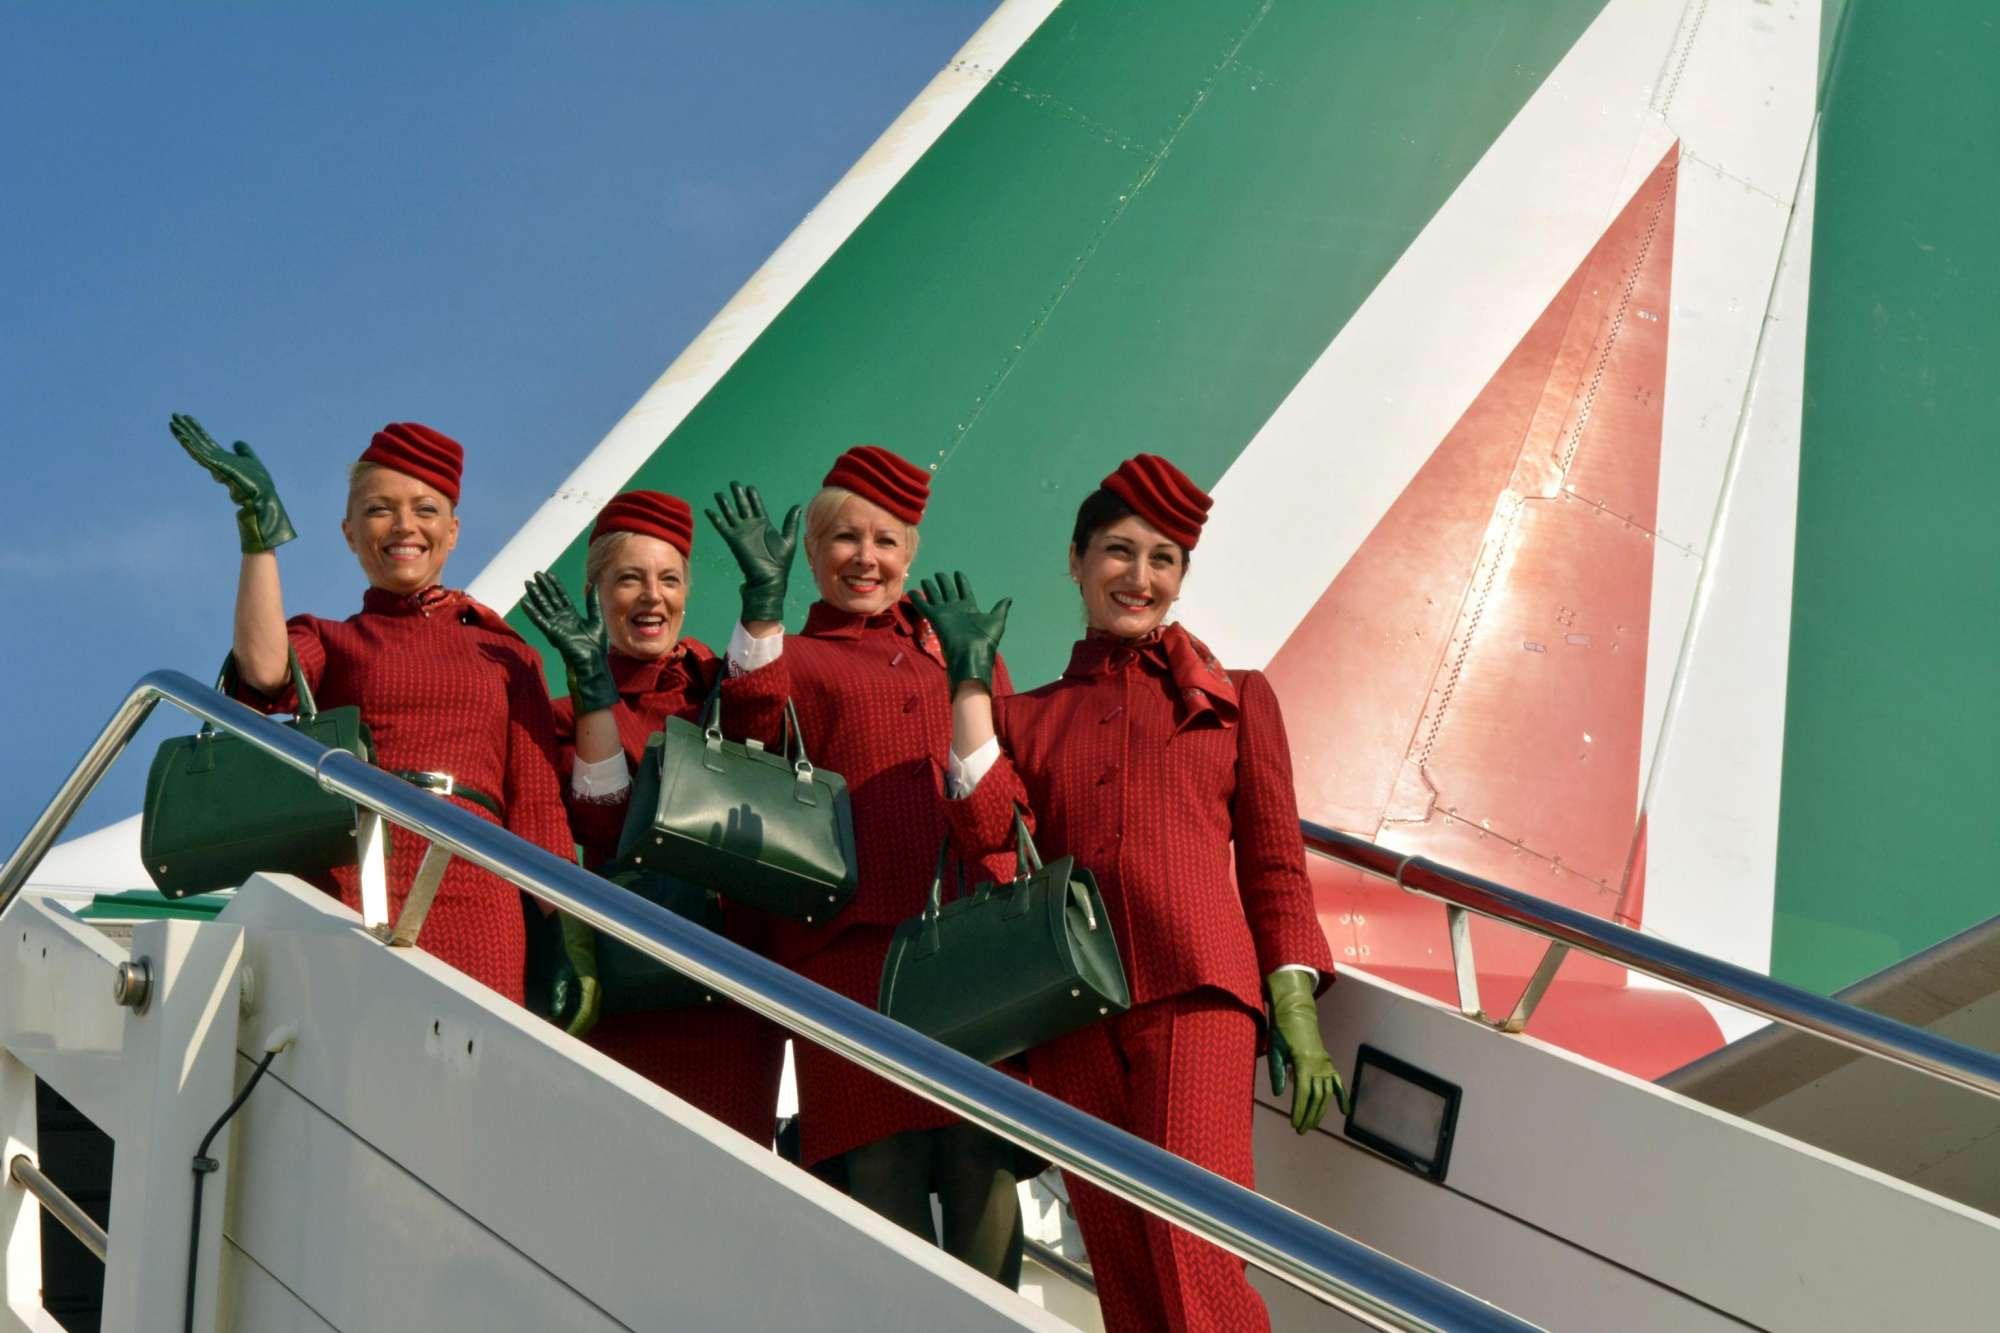 Alitalia, da oggi in volo hostess e steward con le nuove divise